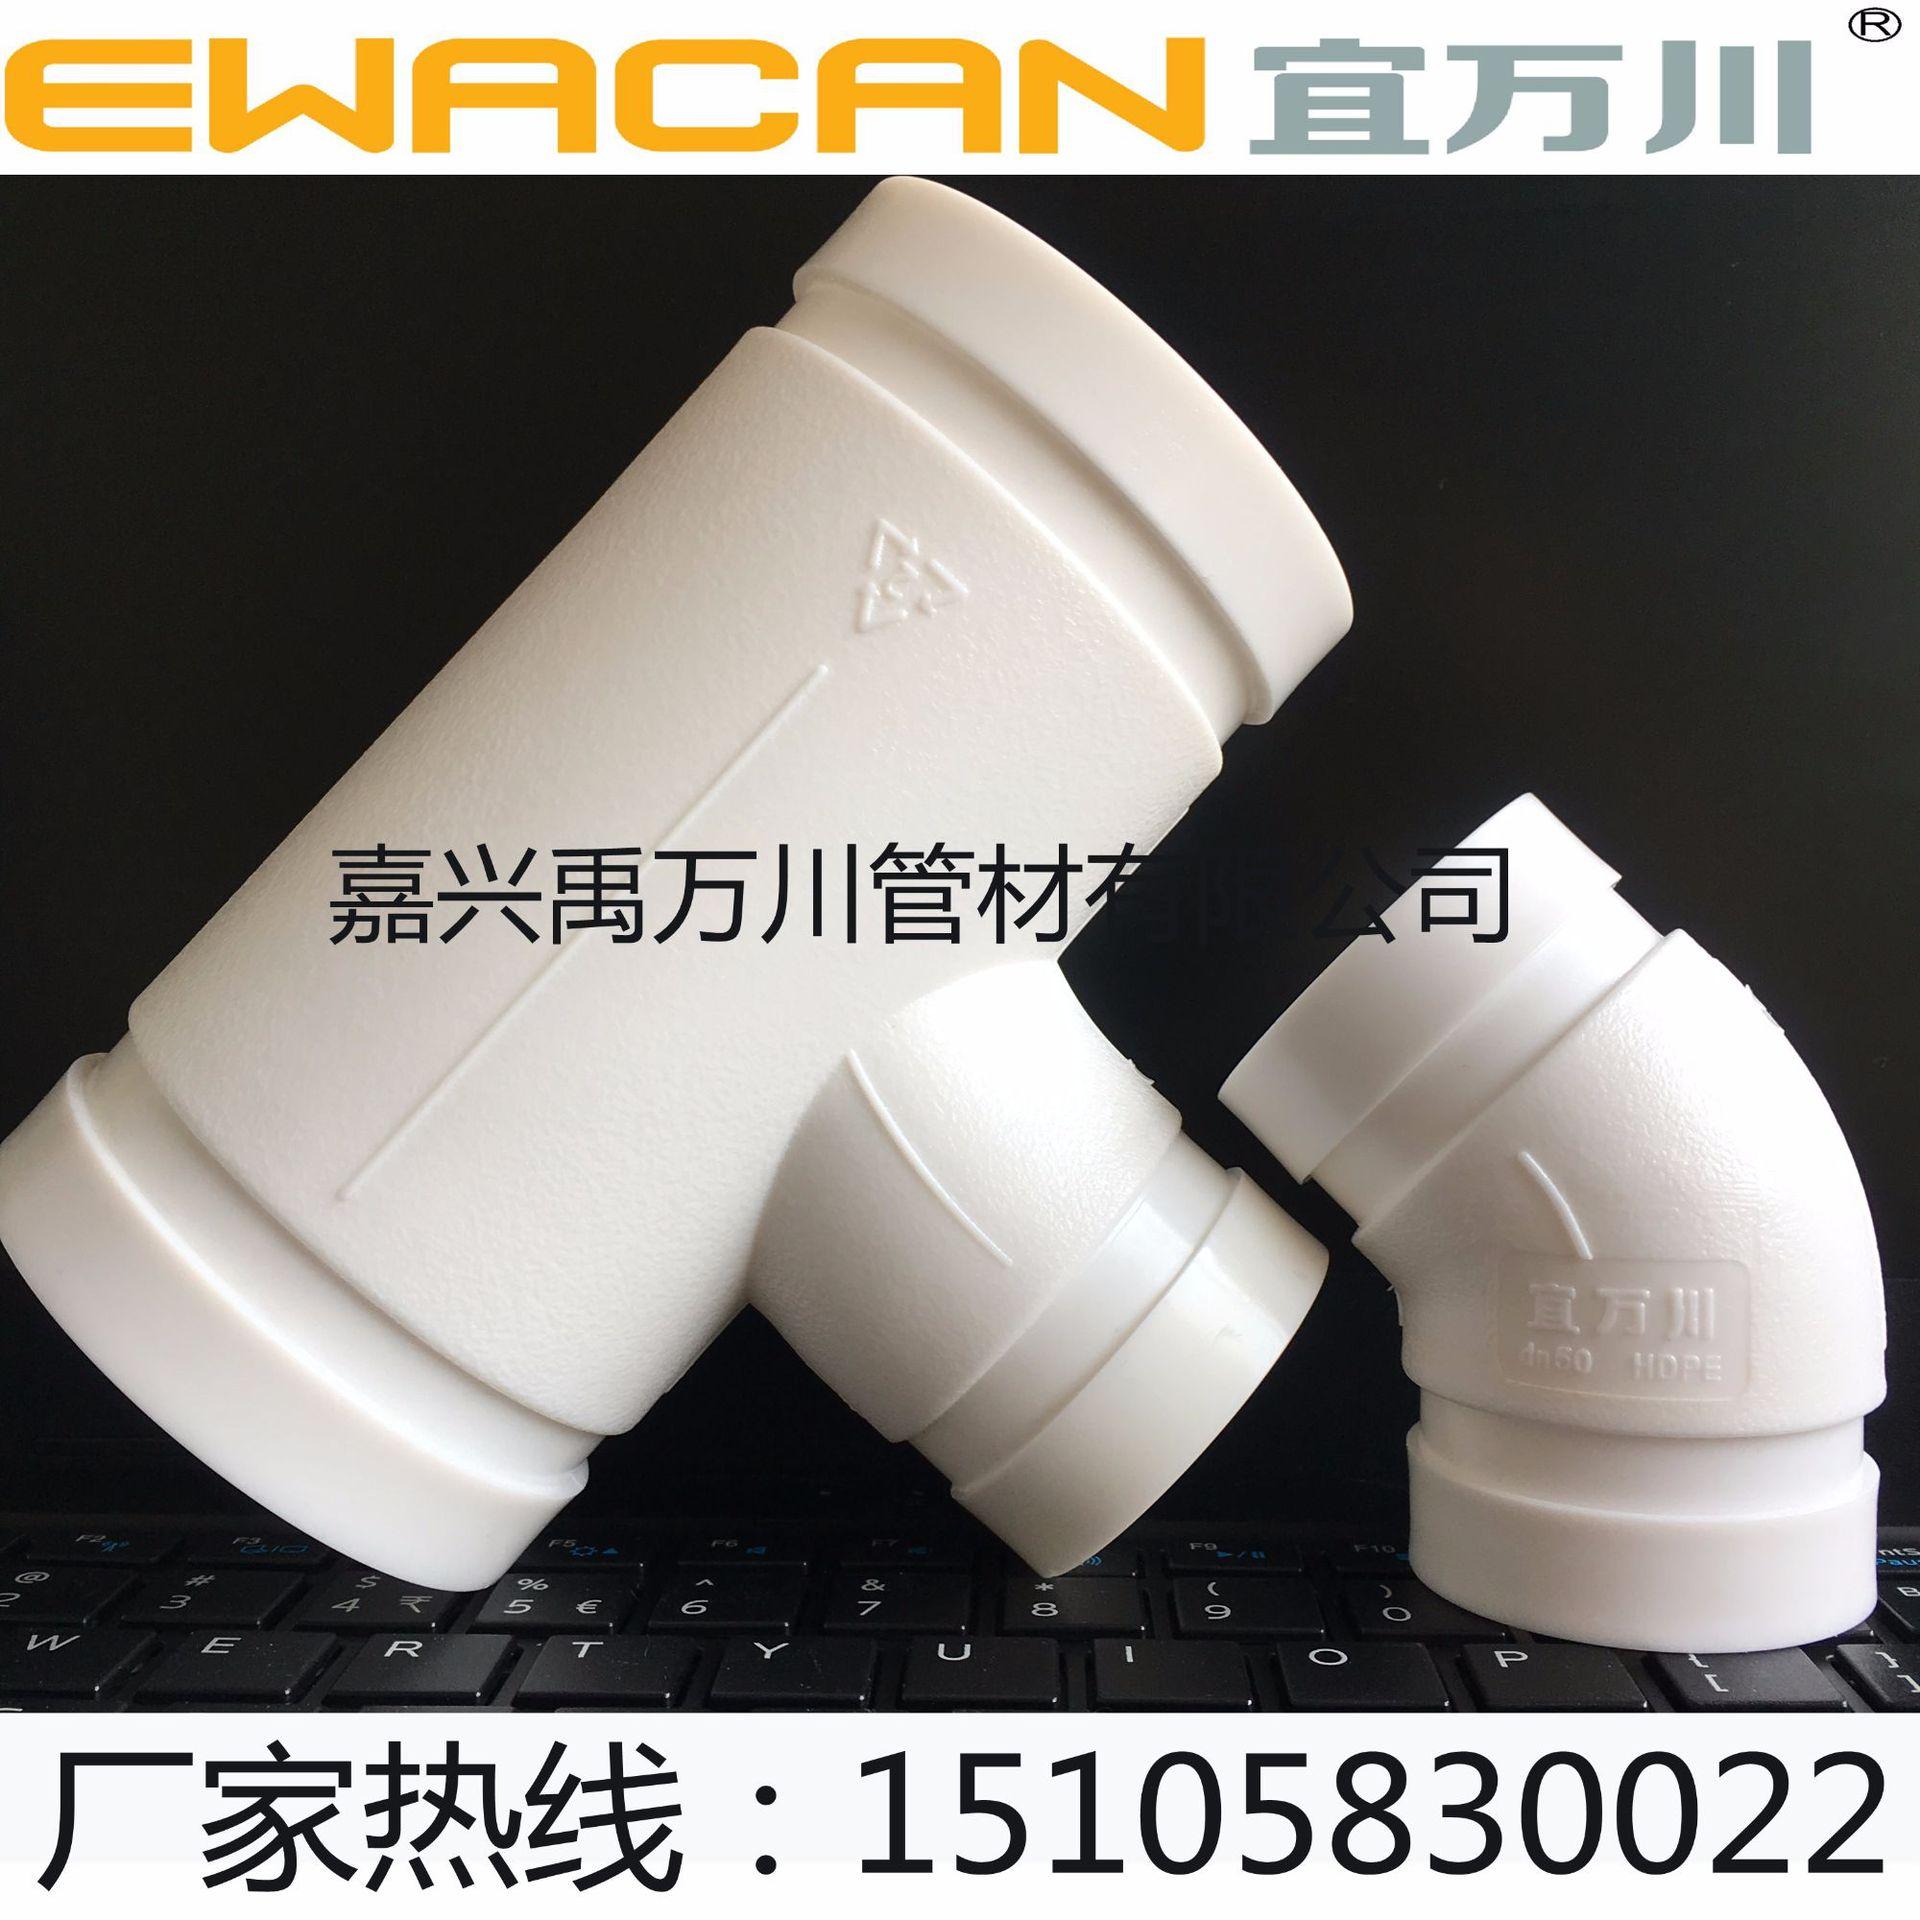 郑州HDPE沟槽式静音排水管,沟槽式排水管,卡箍连接,宜万川厂家示例图1